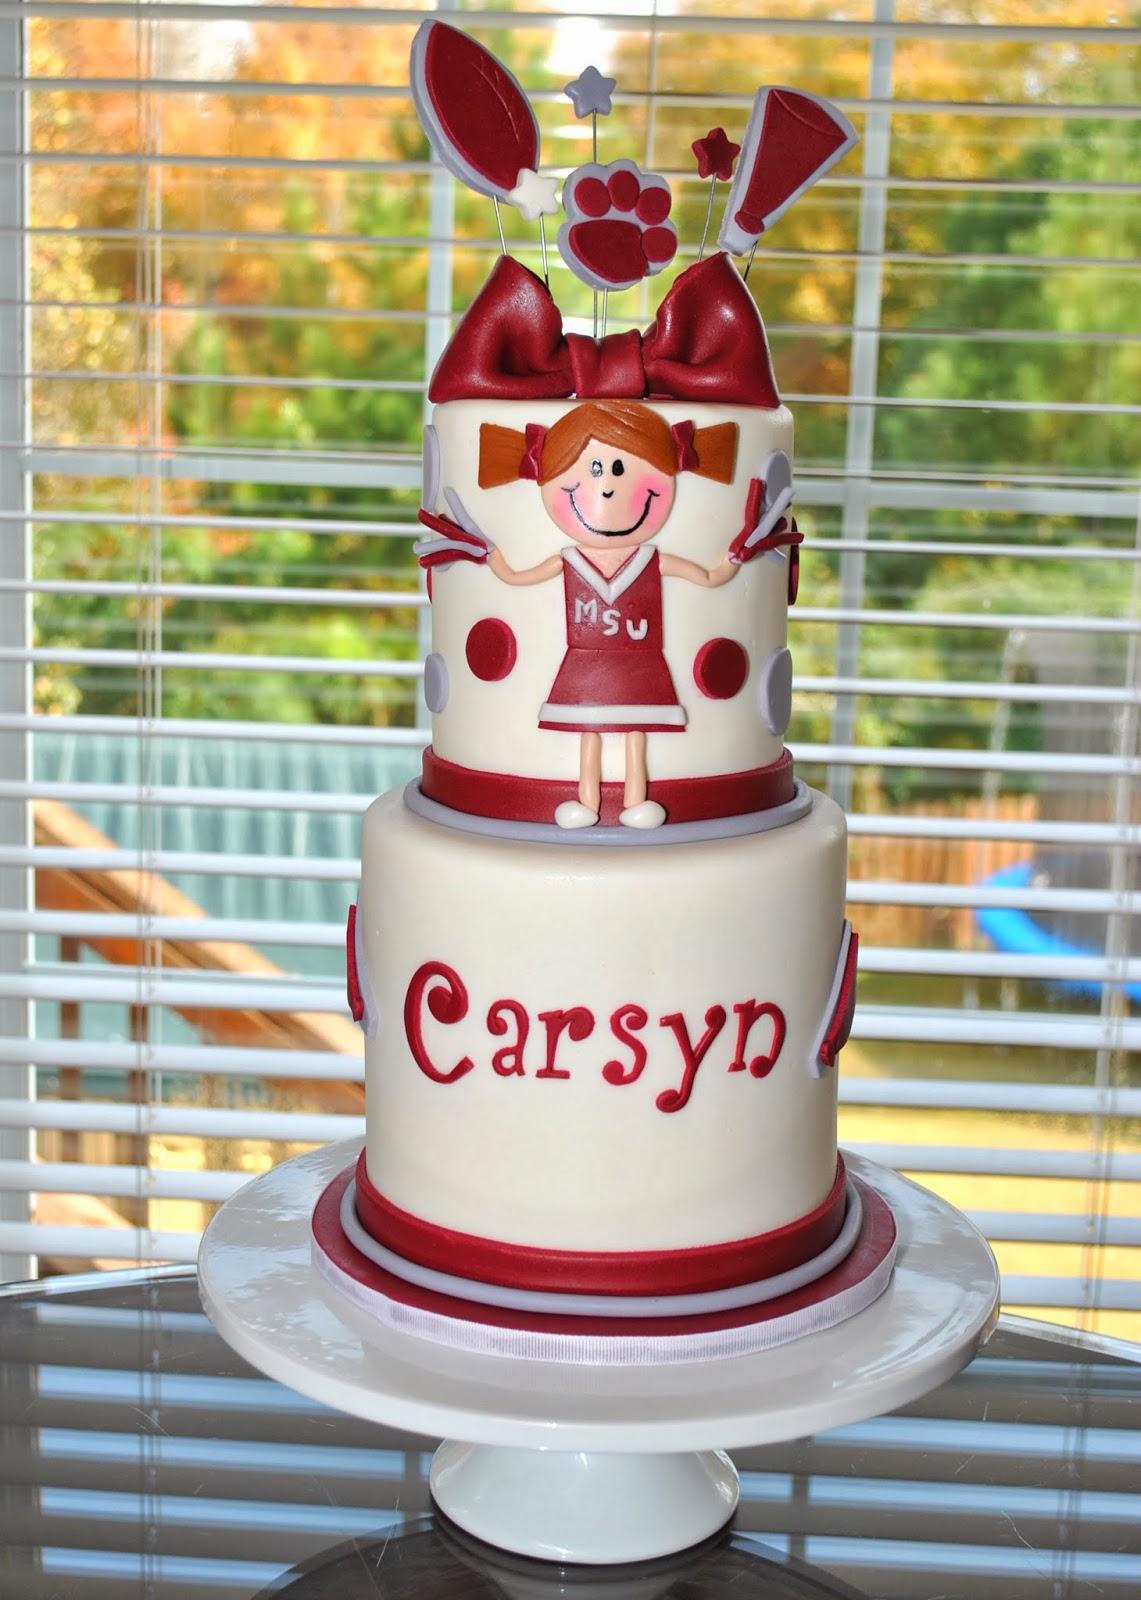 Mississippi State University Birthday Cakes